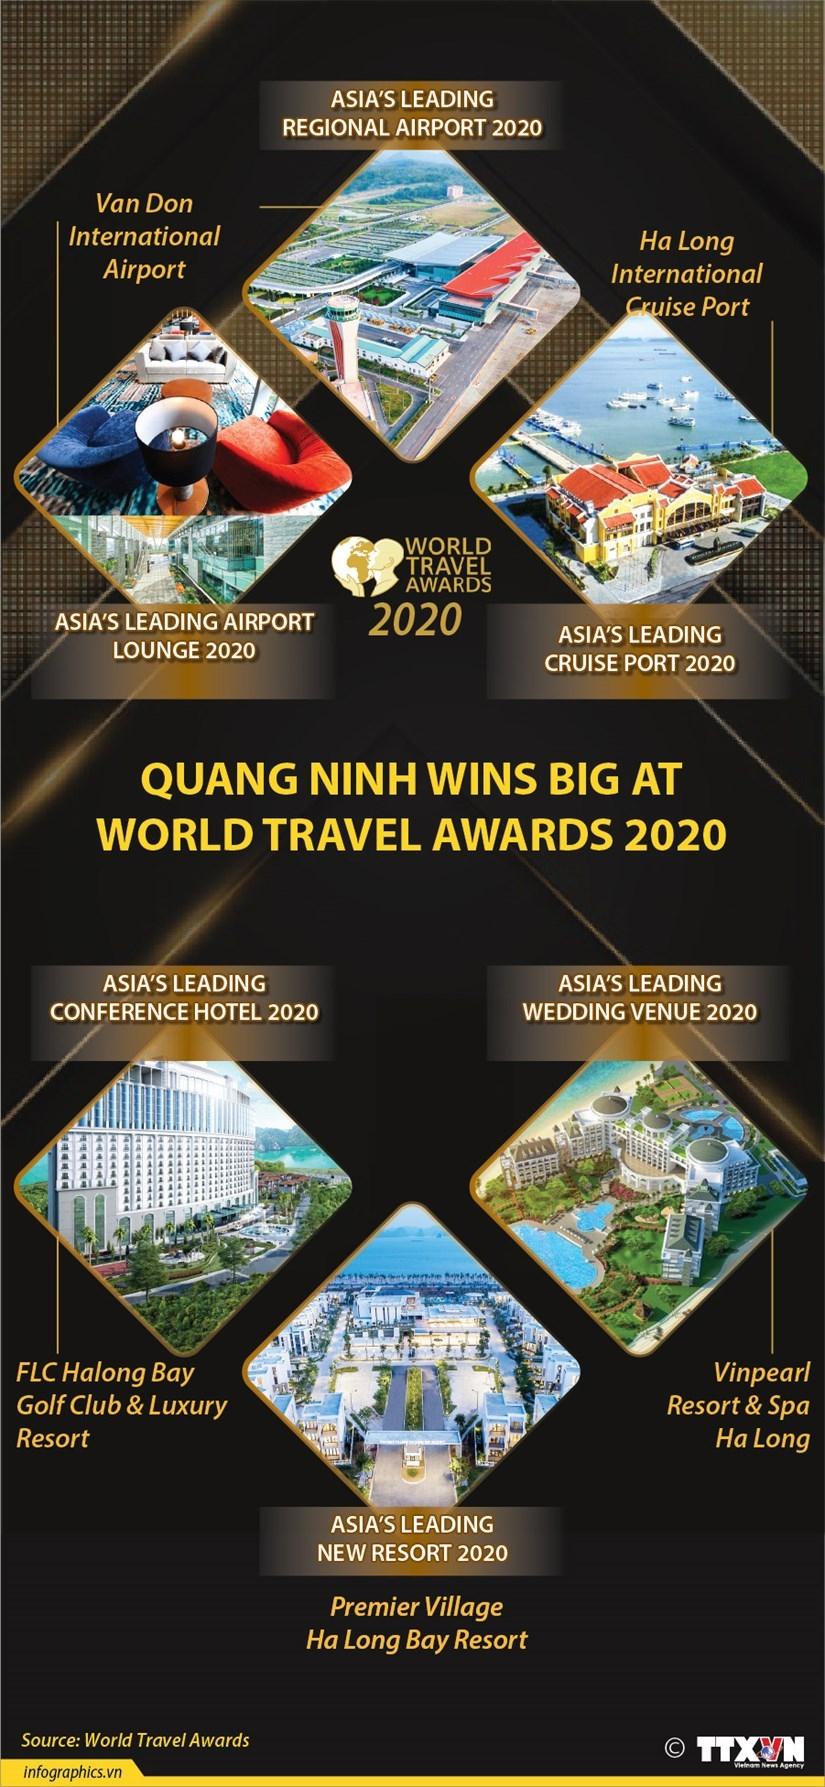 quang ninh wins big at world travel awards 2020